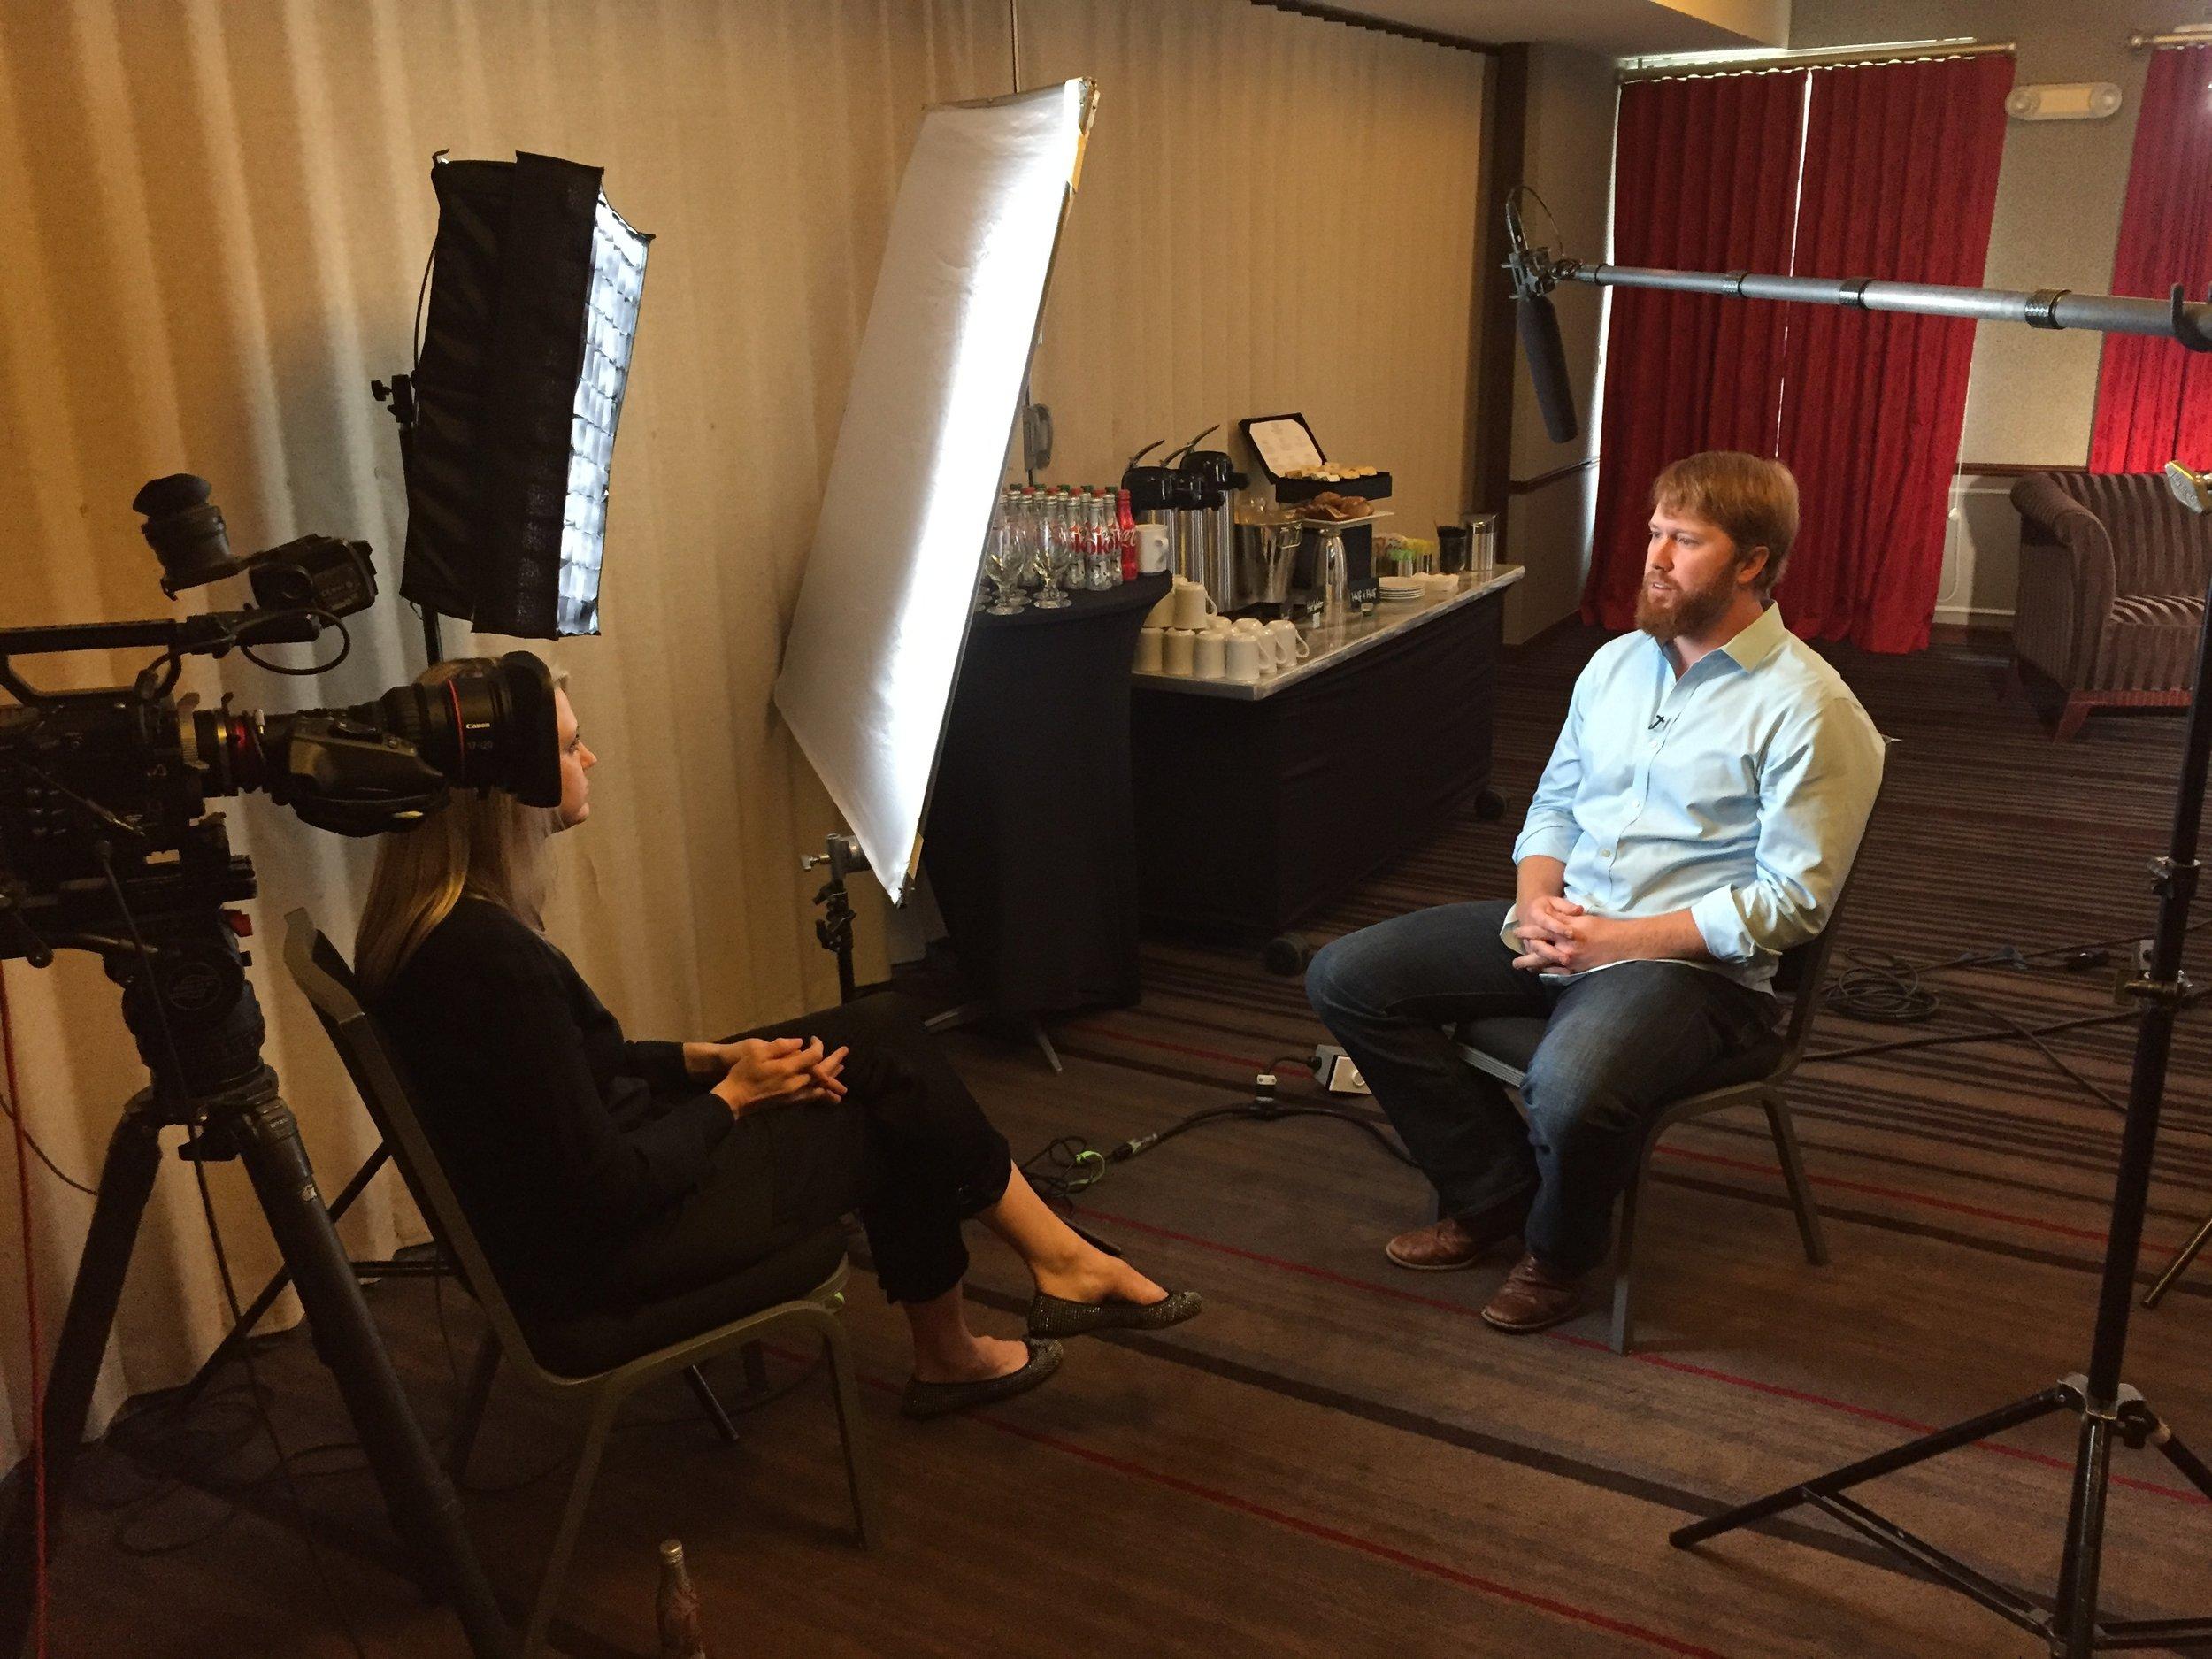 ABC Nightline interview.